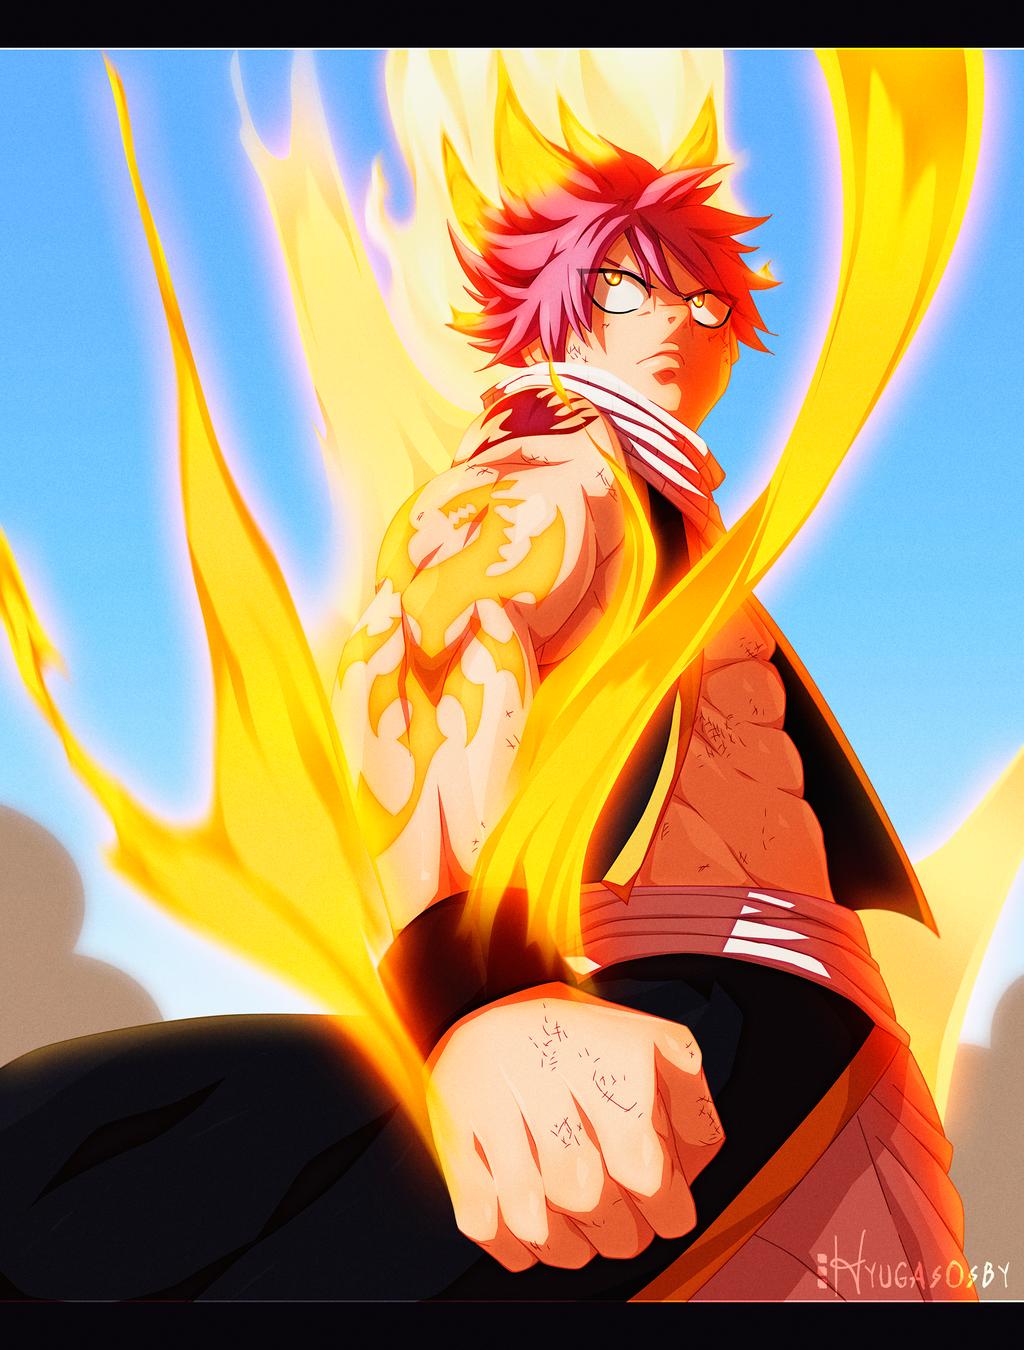 Fairy Tail Fairy Tail Anime Fairy Tail Fairy Tail Manga